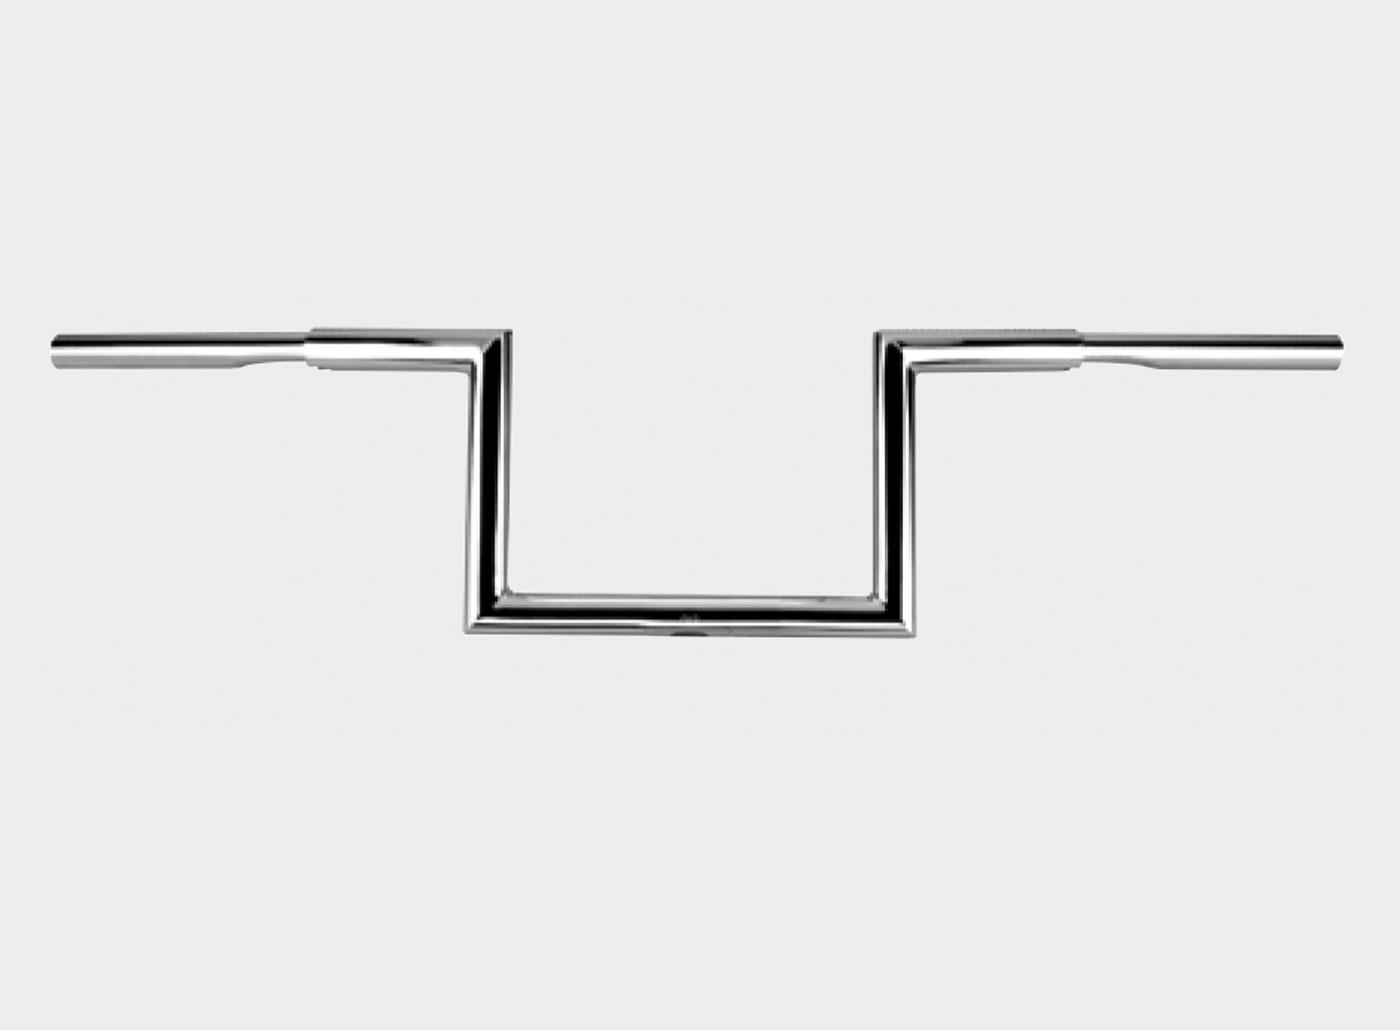 Edelstahl Z-Lenker Right Angle 200 mm